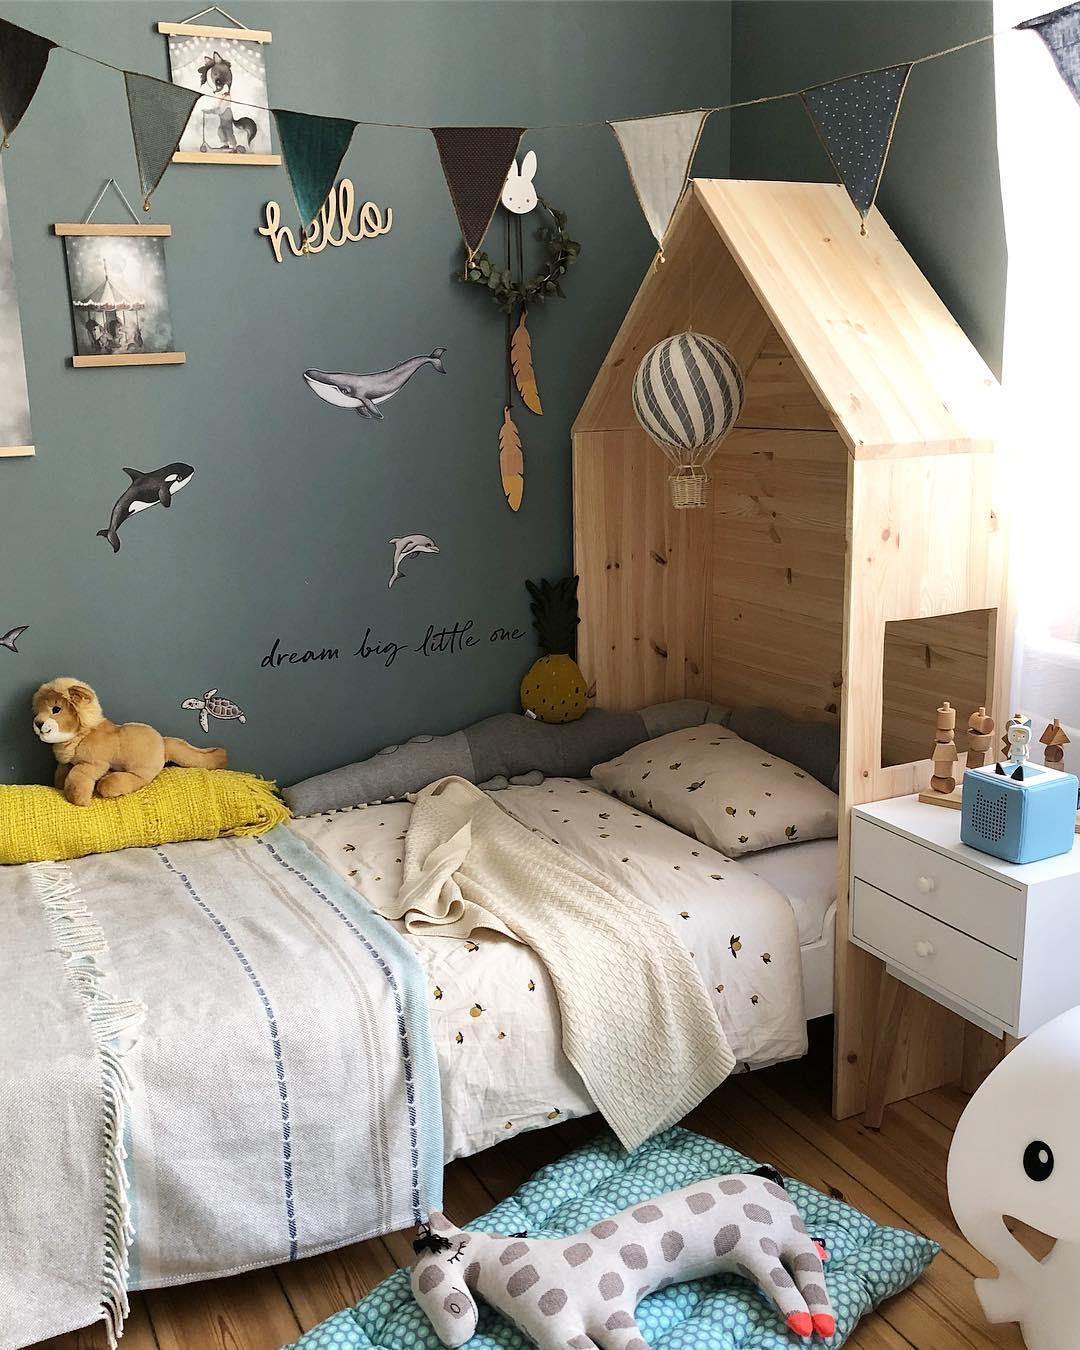 couleur pastel chambre enfant lit cabane mur bleu gris mots dessin colle - blog déco - clem around the corner